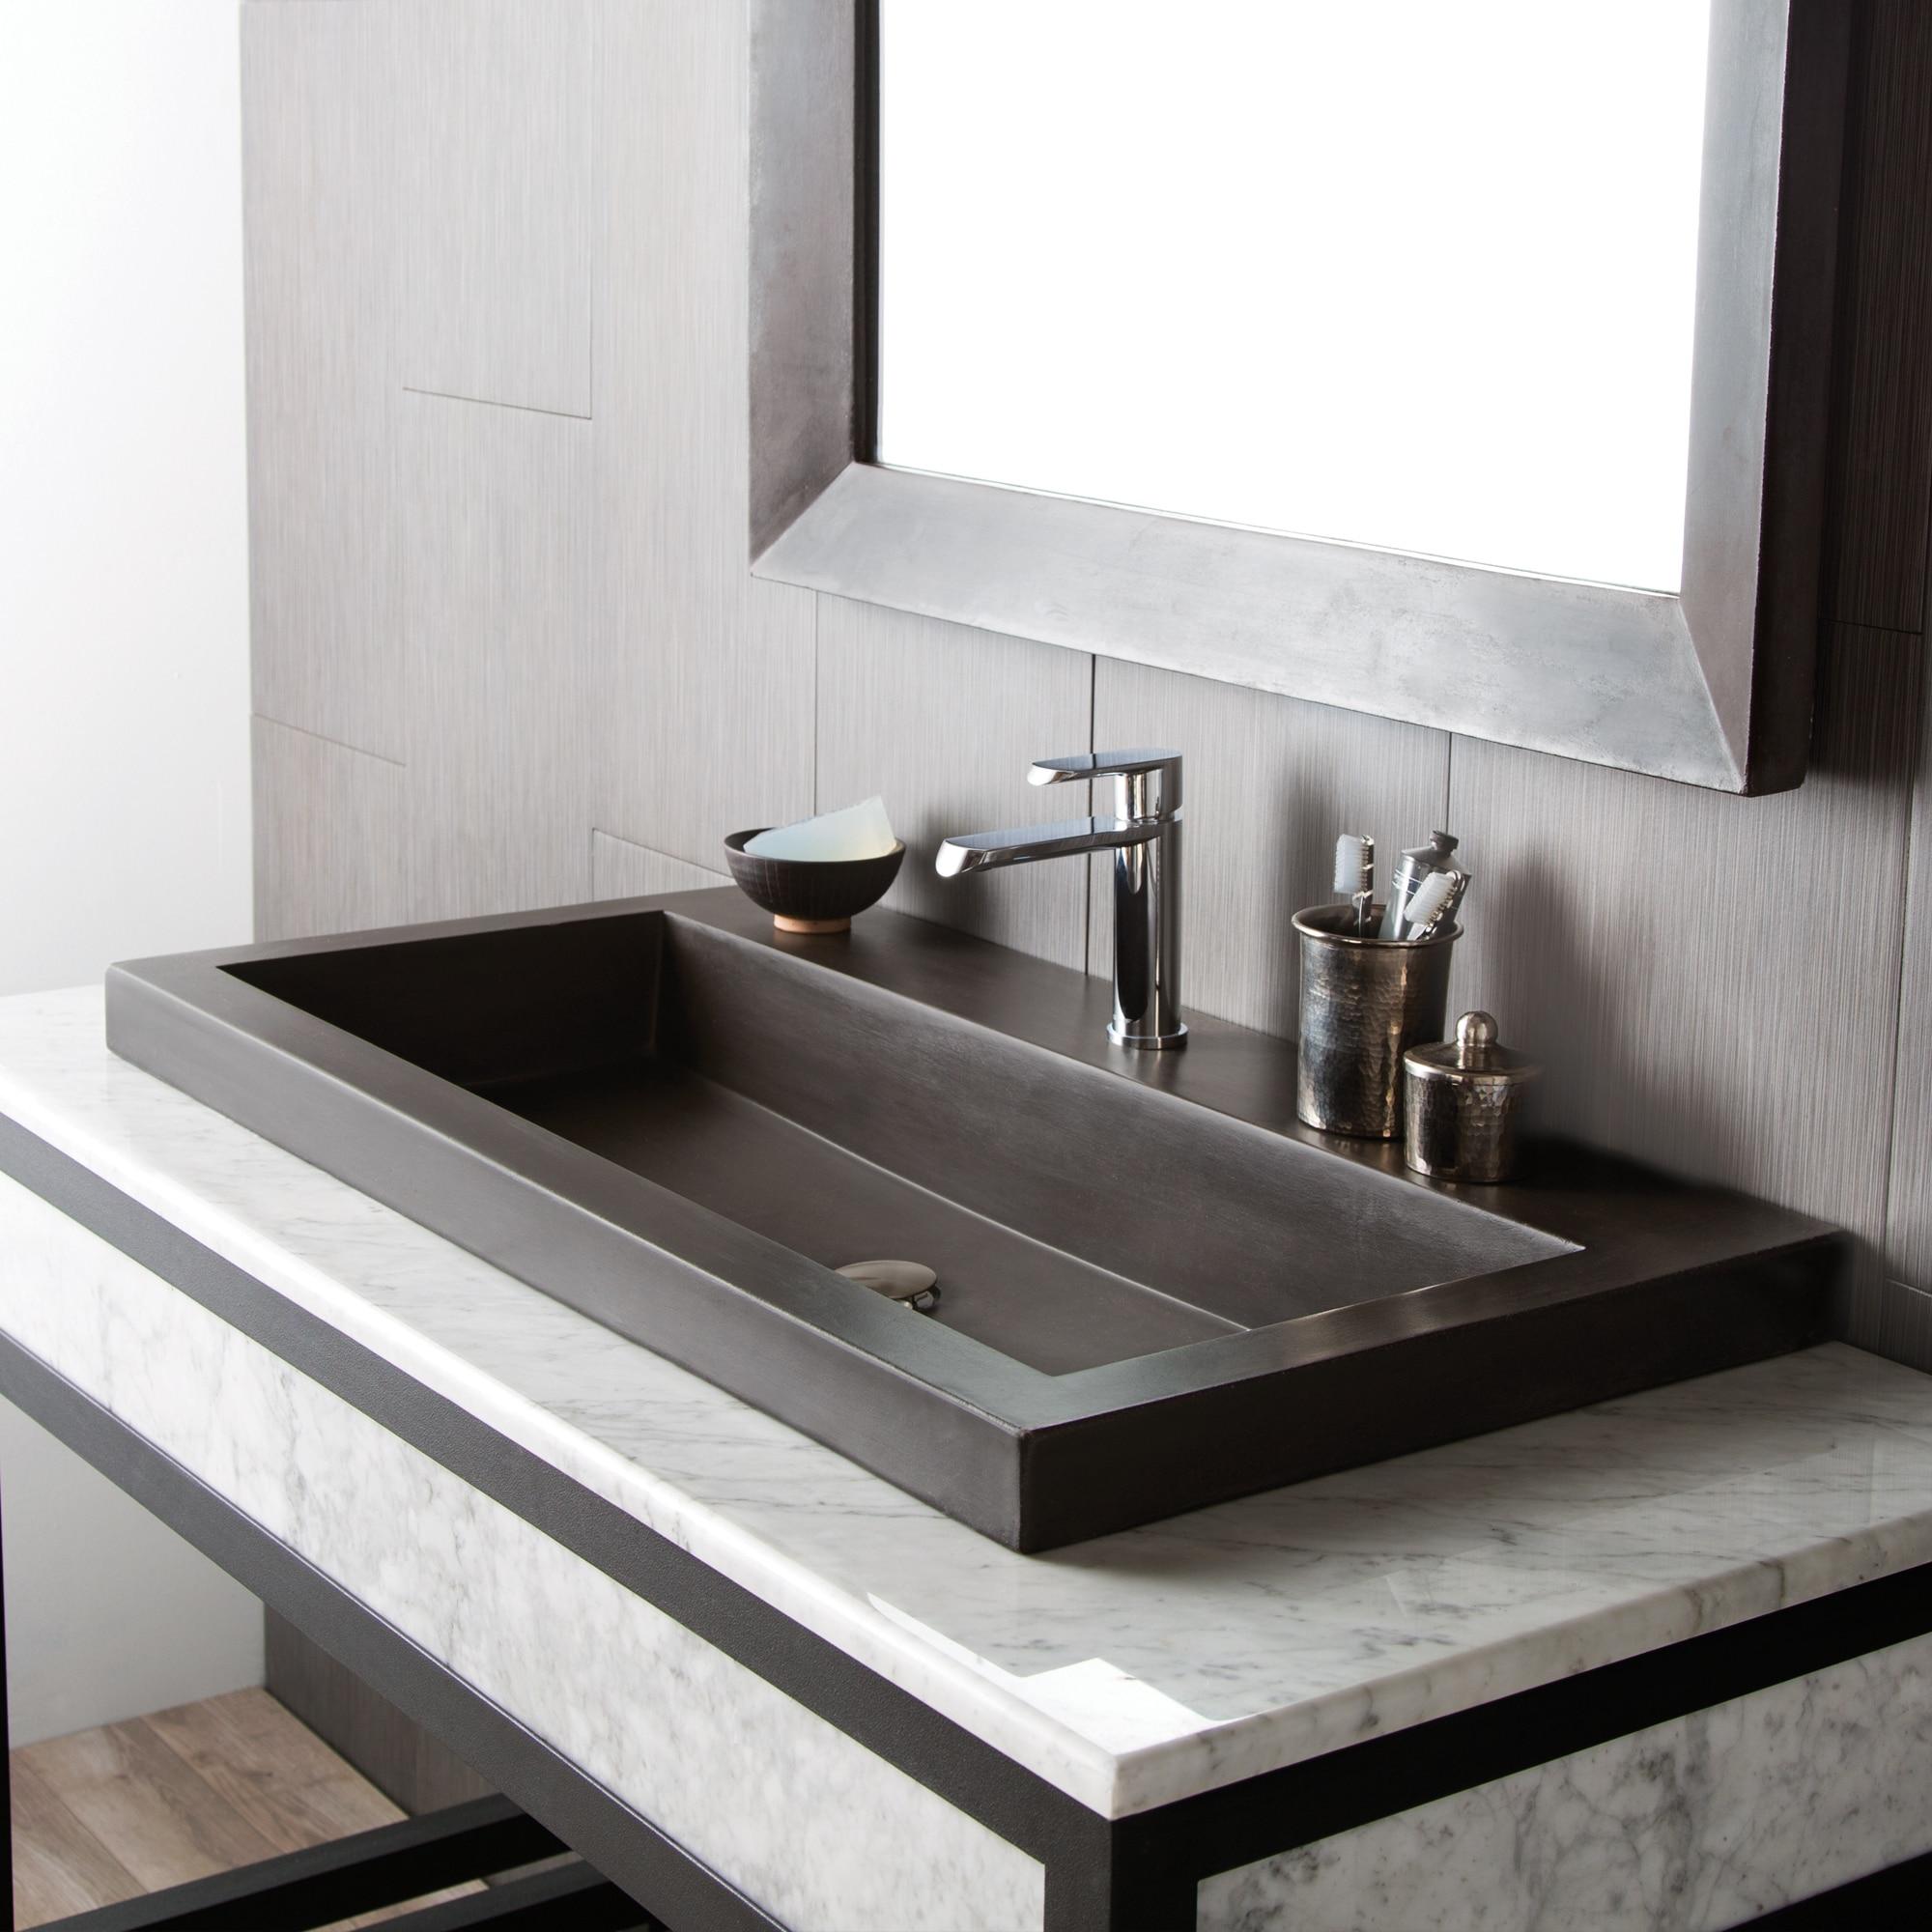 36 Inch Concrete Trough Bathroom Sink, Trough Sink For Bathroom